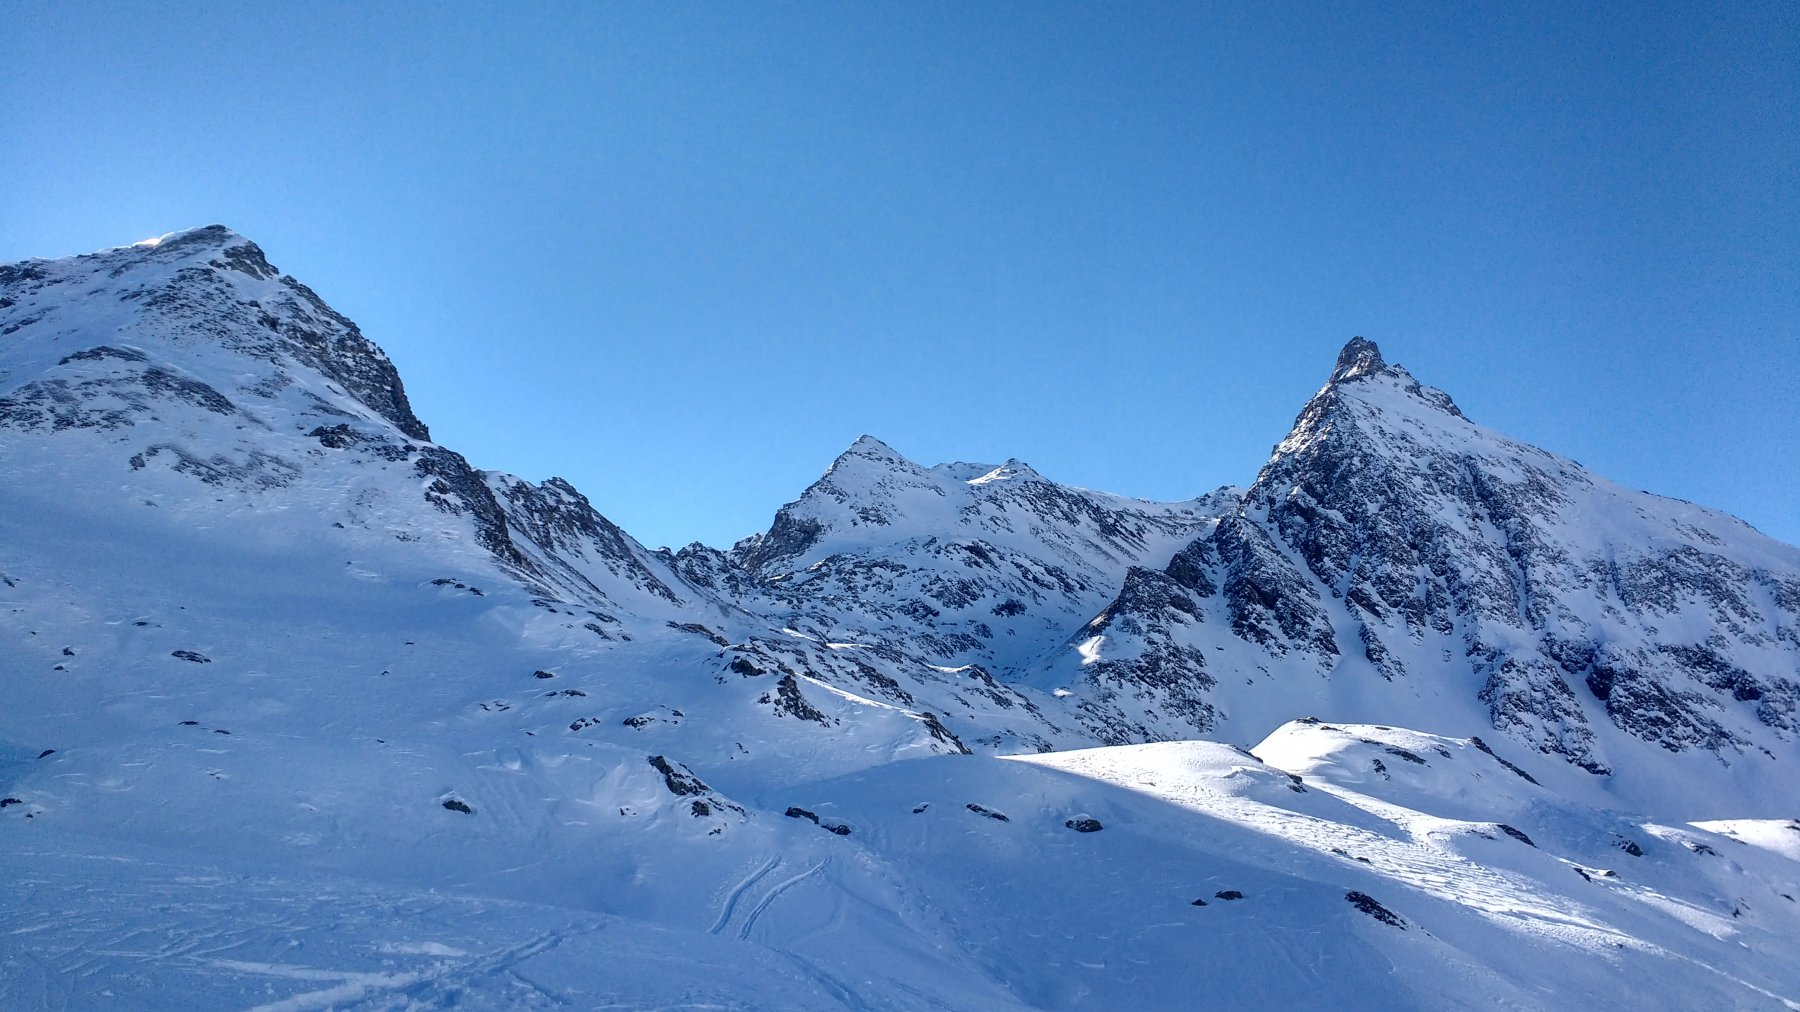 Inizio della parte piu' ghiacciata e con meno neve